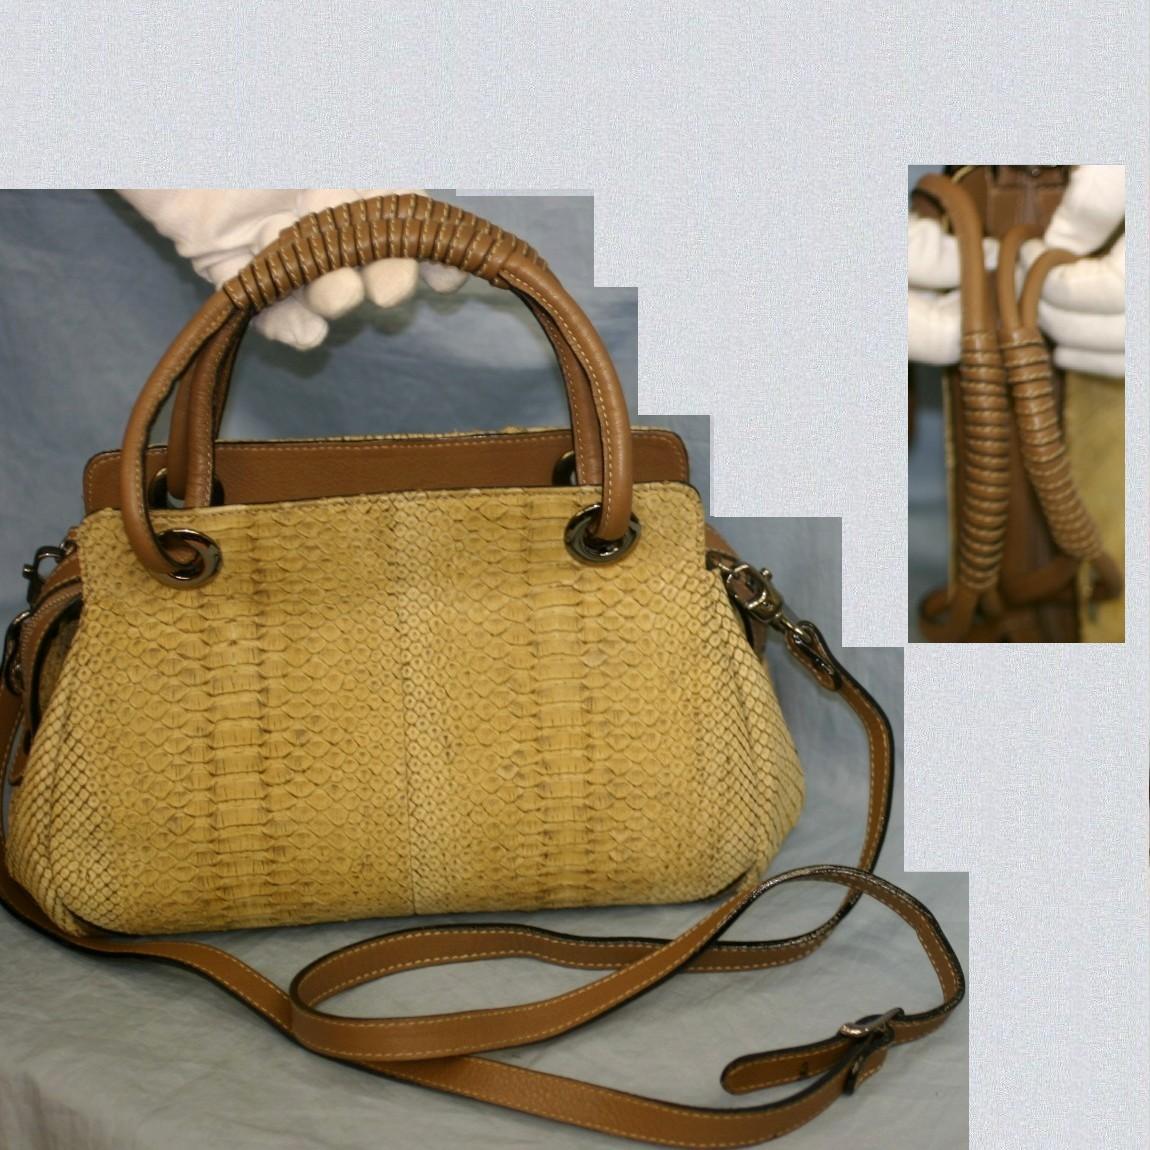 【中古】本物綺麗BETTINA女性用薄いカーキ系ショルダー付27センチ蛇革バッグ